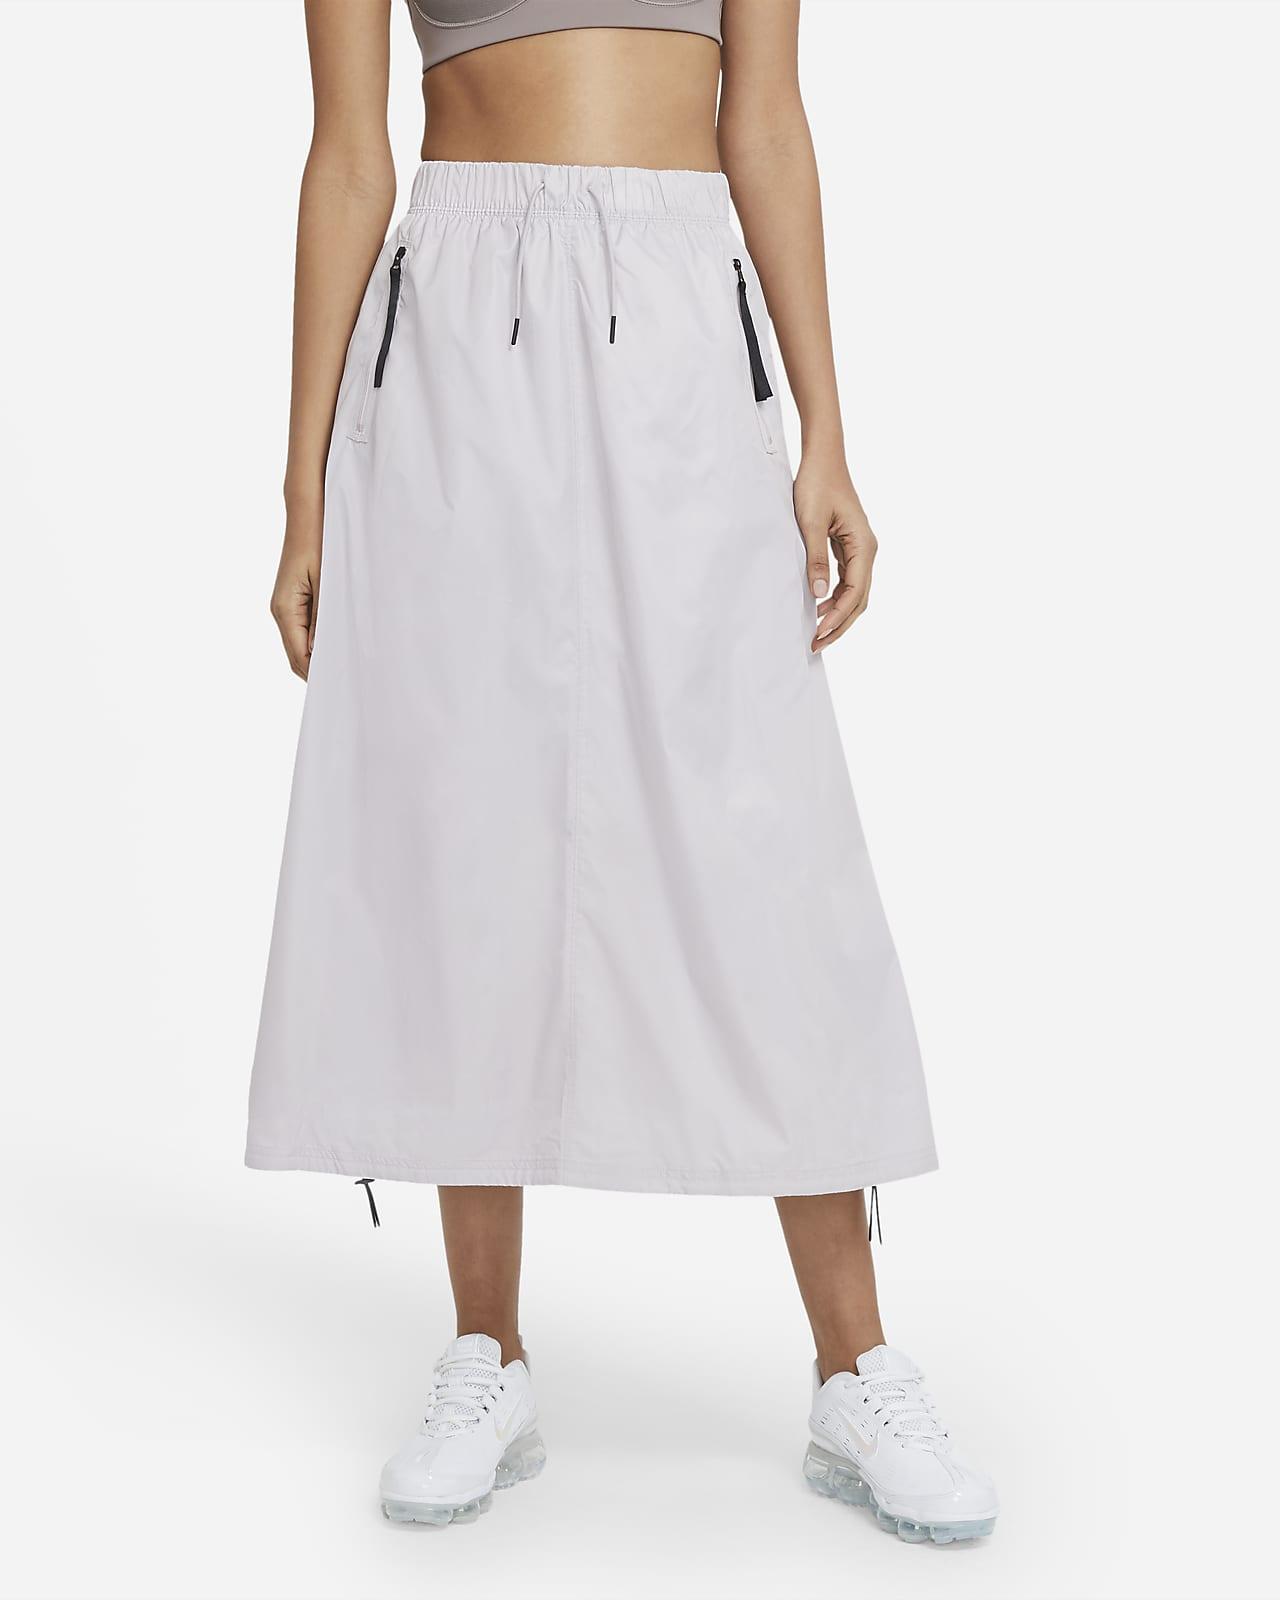 Falda de tejido Woven para mujer Nike Sportswear Tech Pack